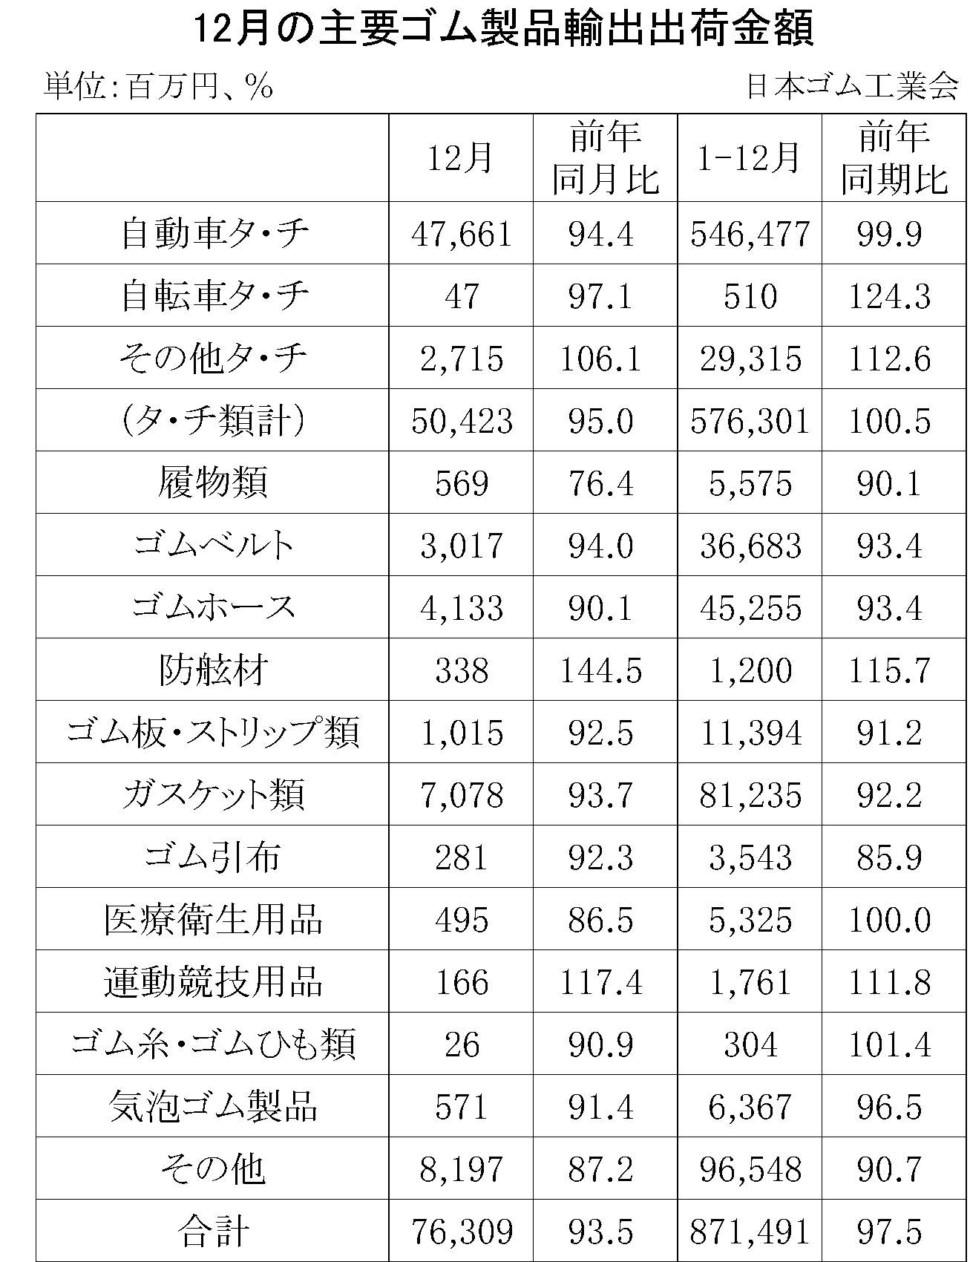 12月のゴム製品輸出